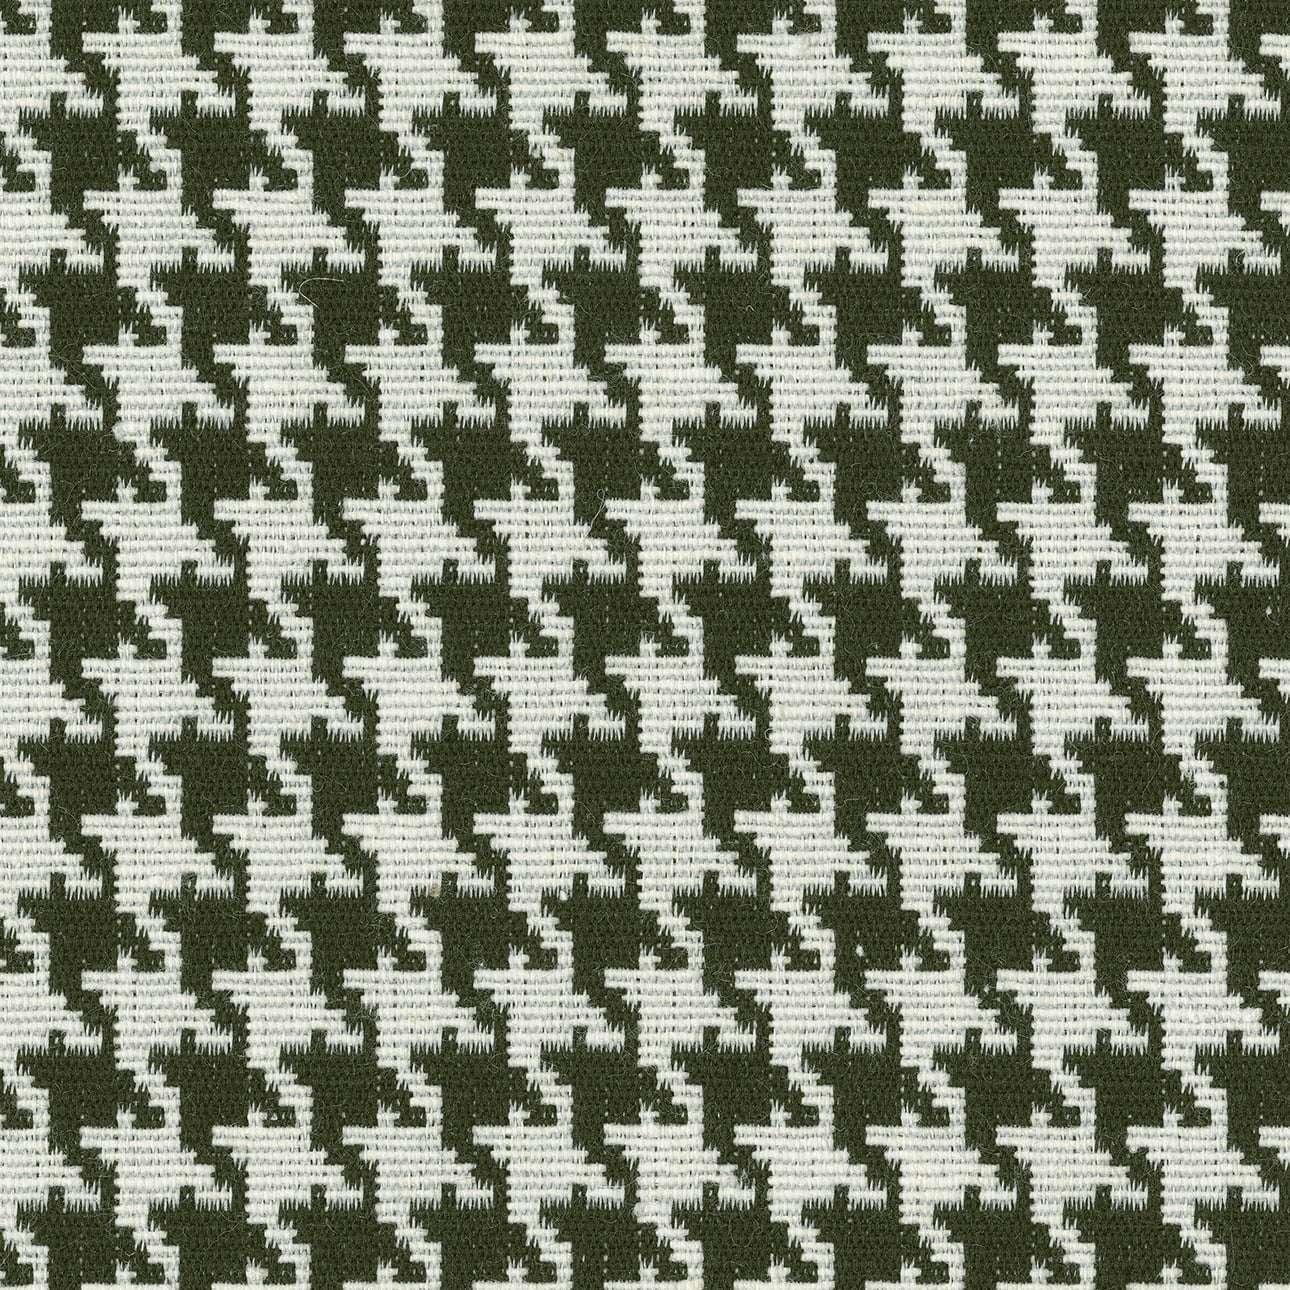 Zasłona na taśmie marszczącej 1 szt. w kolekcji Black & White, tkanina: 142-77